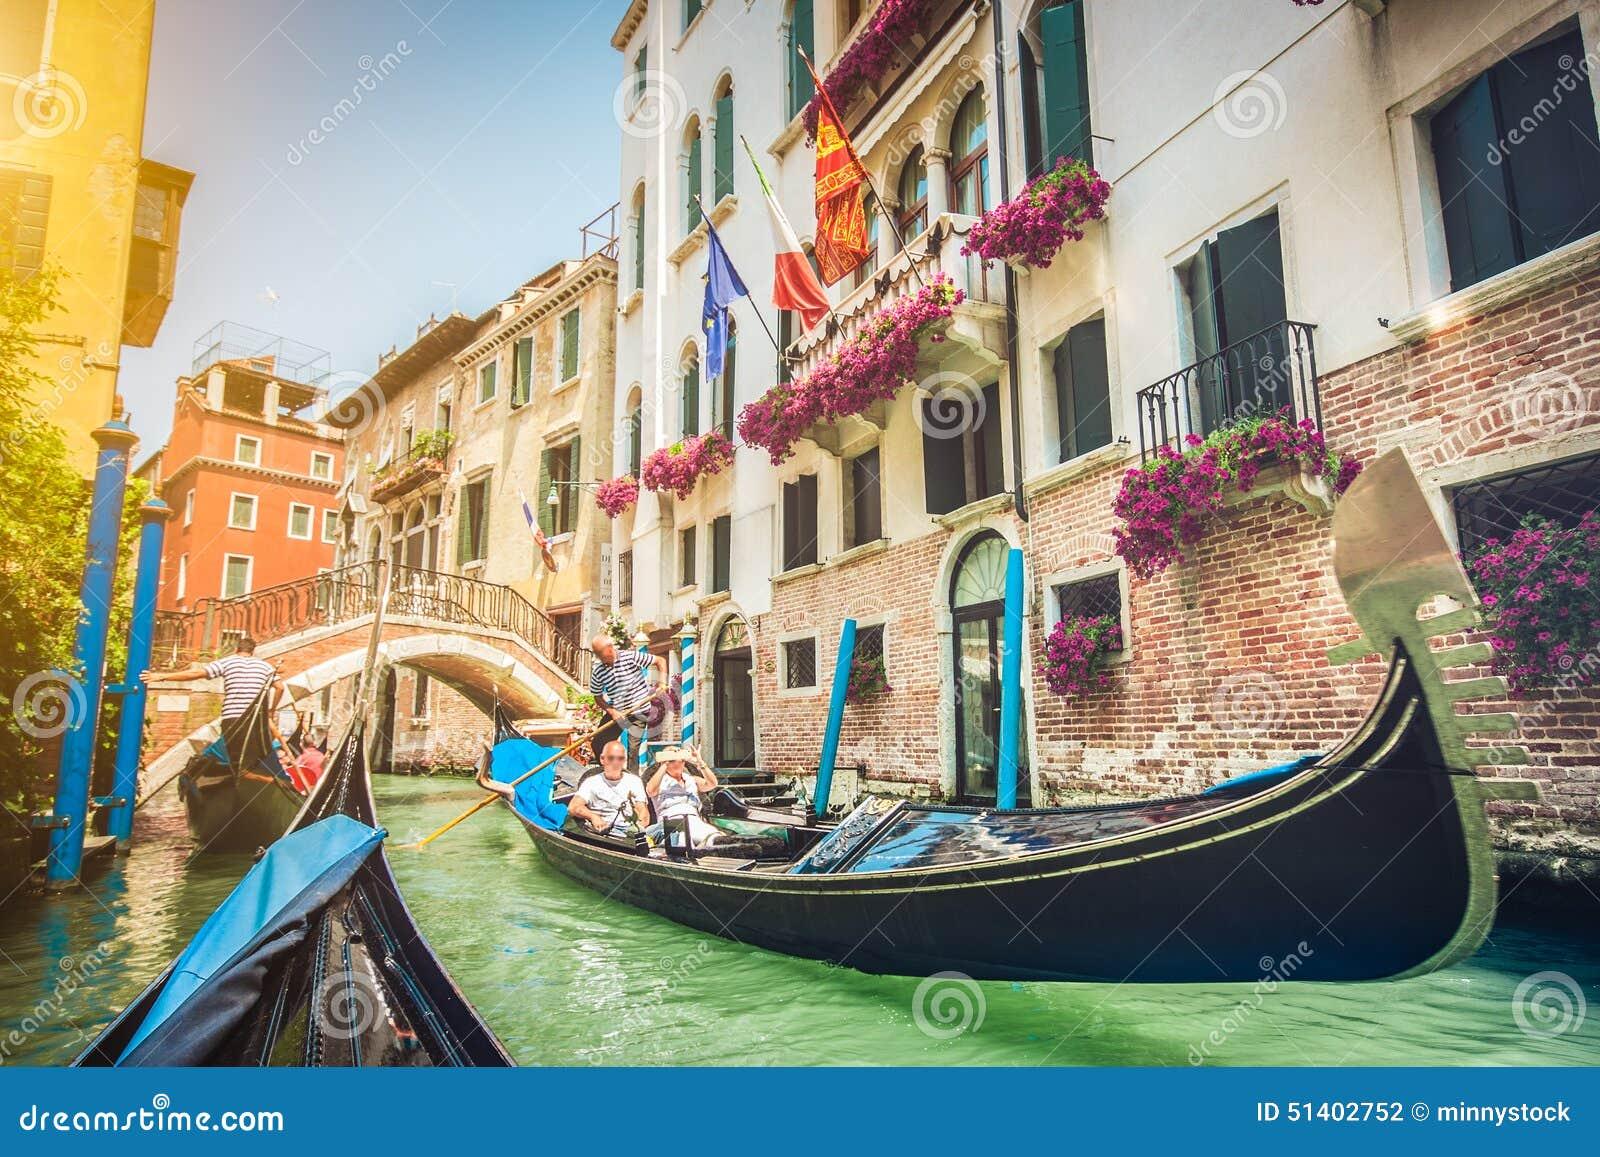 Gôndola no canal em Veneza, Itália com vintage retro Instagram